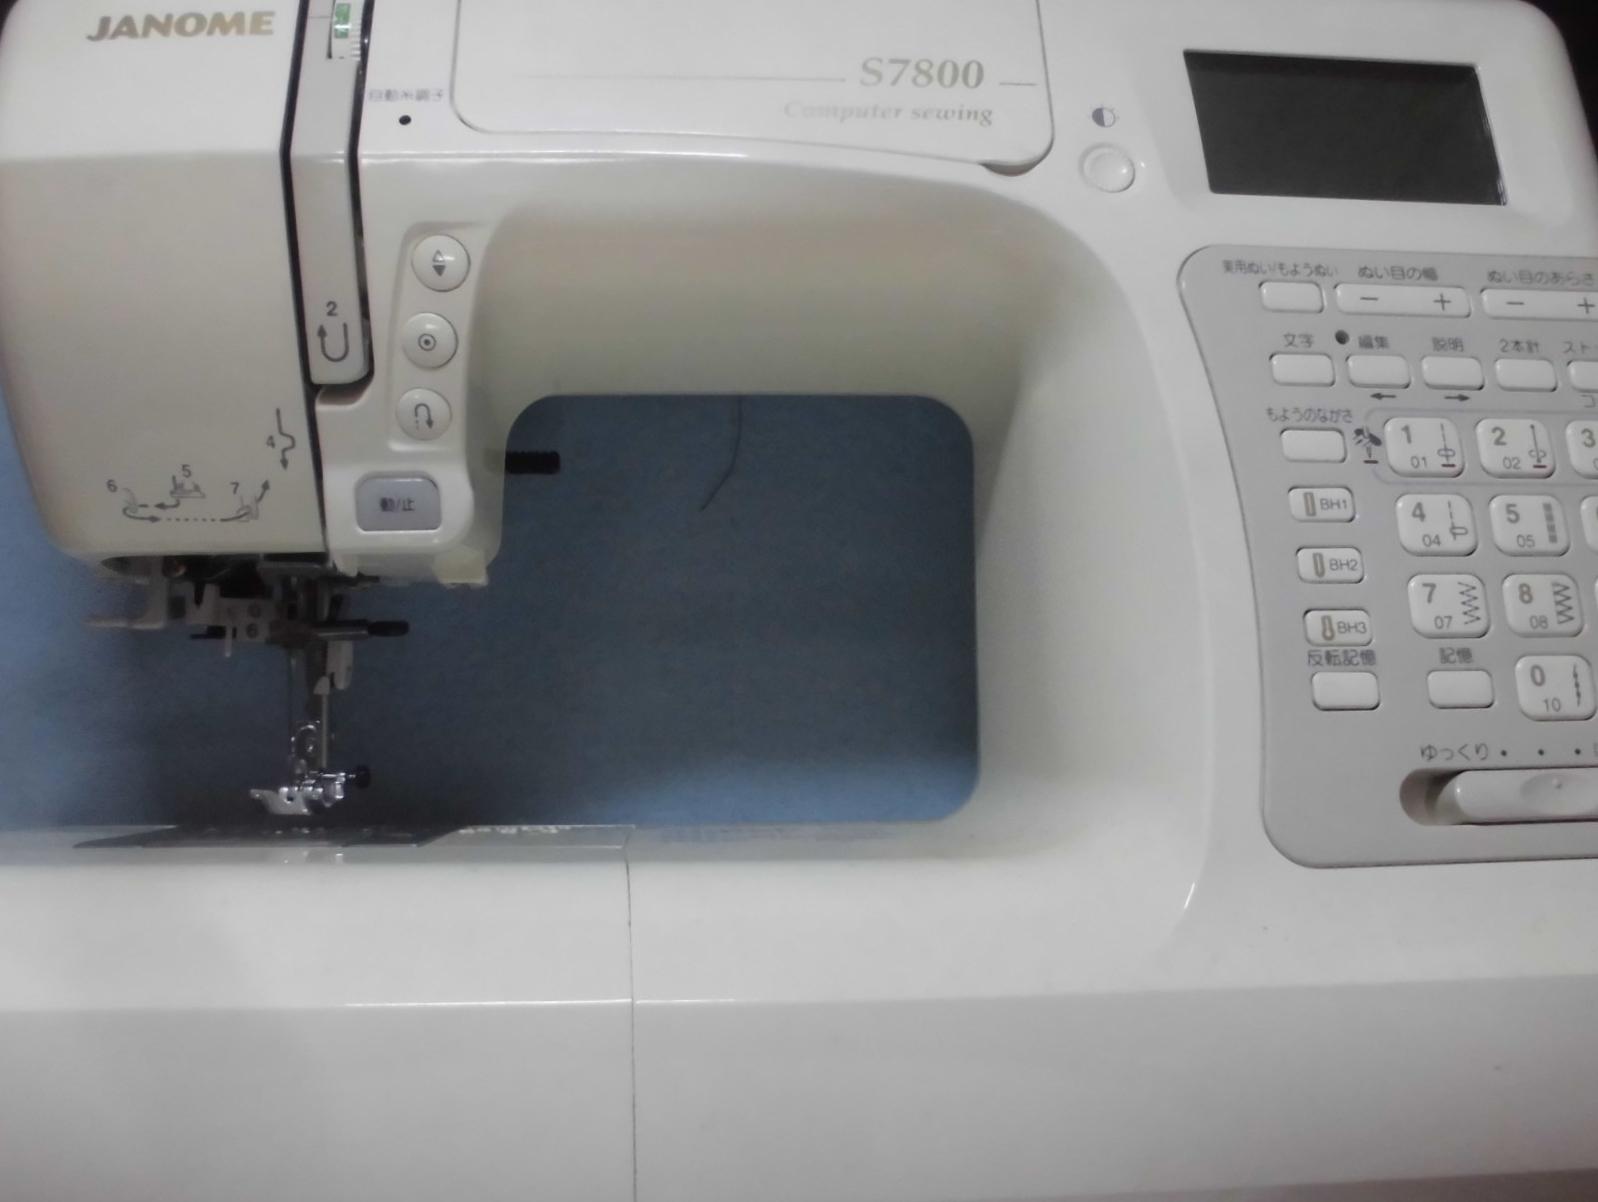 ジャノメミシン修理|S7800|綺麗に縫えない(糸調子不良)、ボビンに上手く糸が巻けない